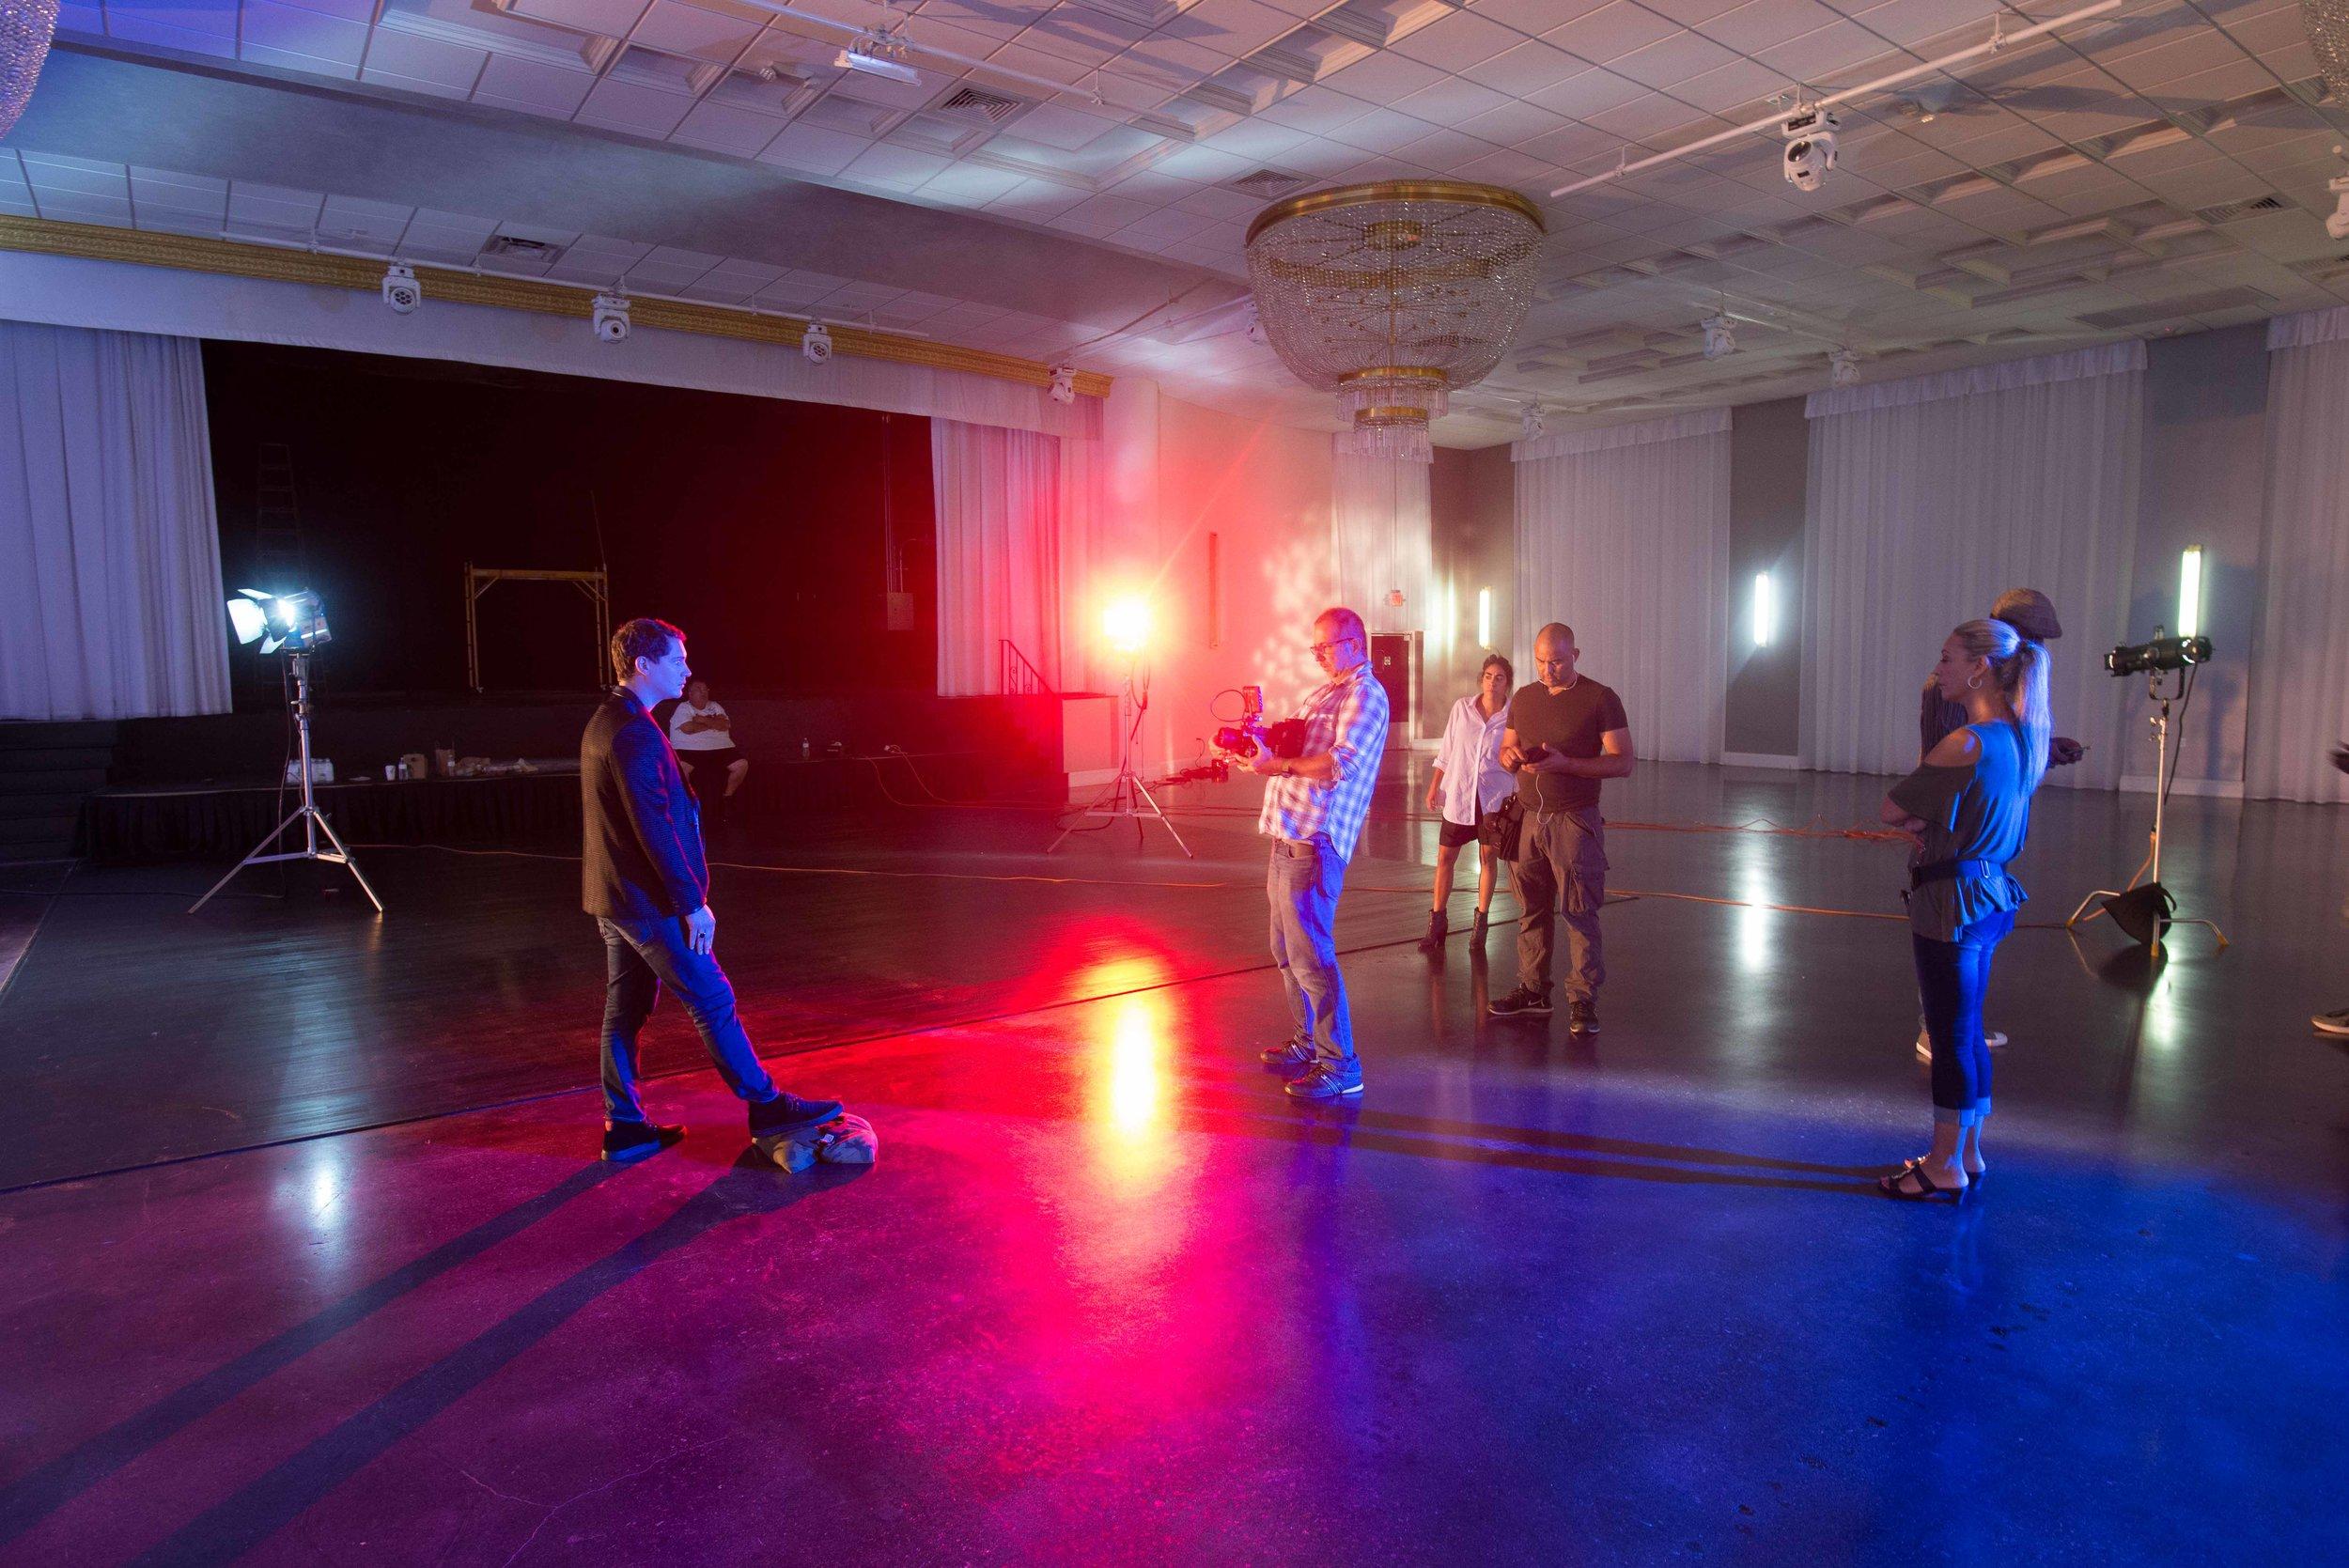 Miami Venue, Event Space & Photo/Video Production Location